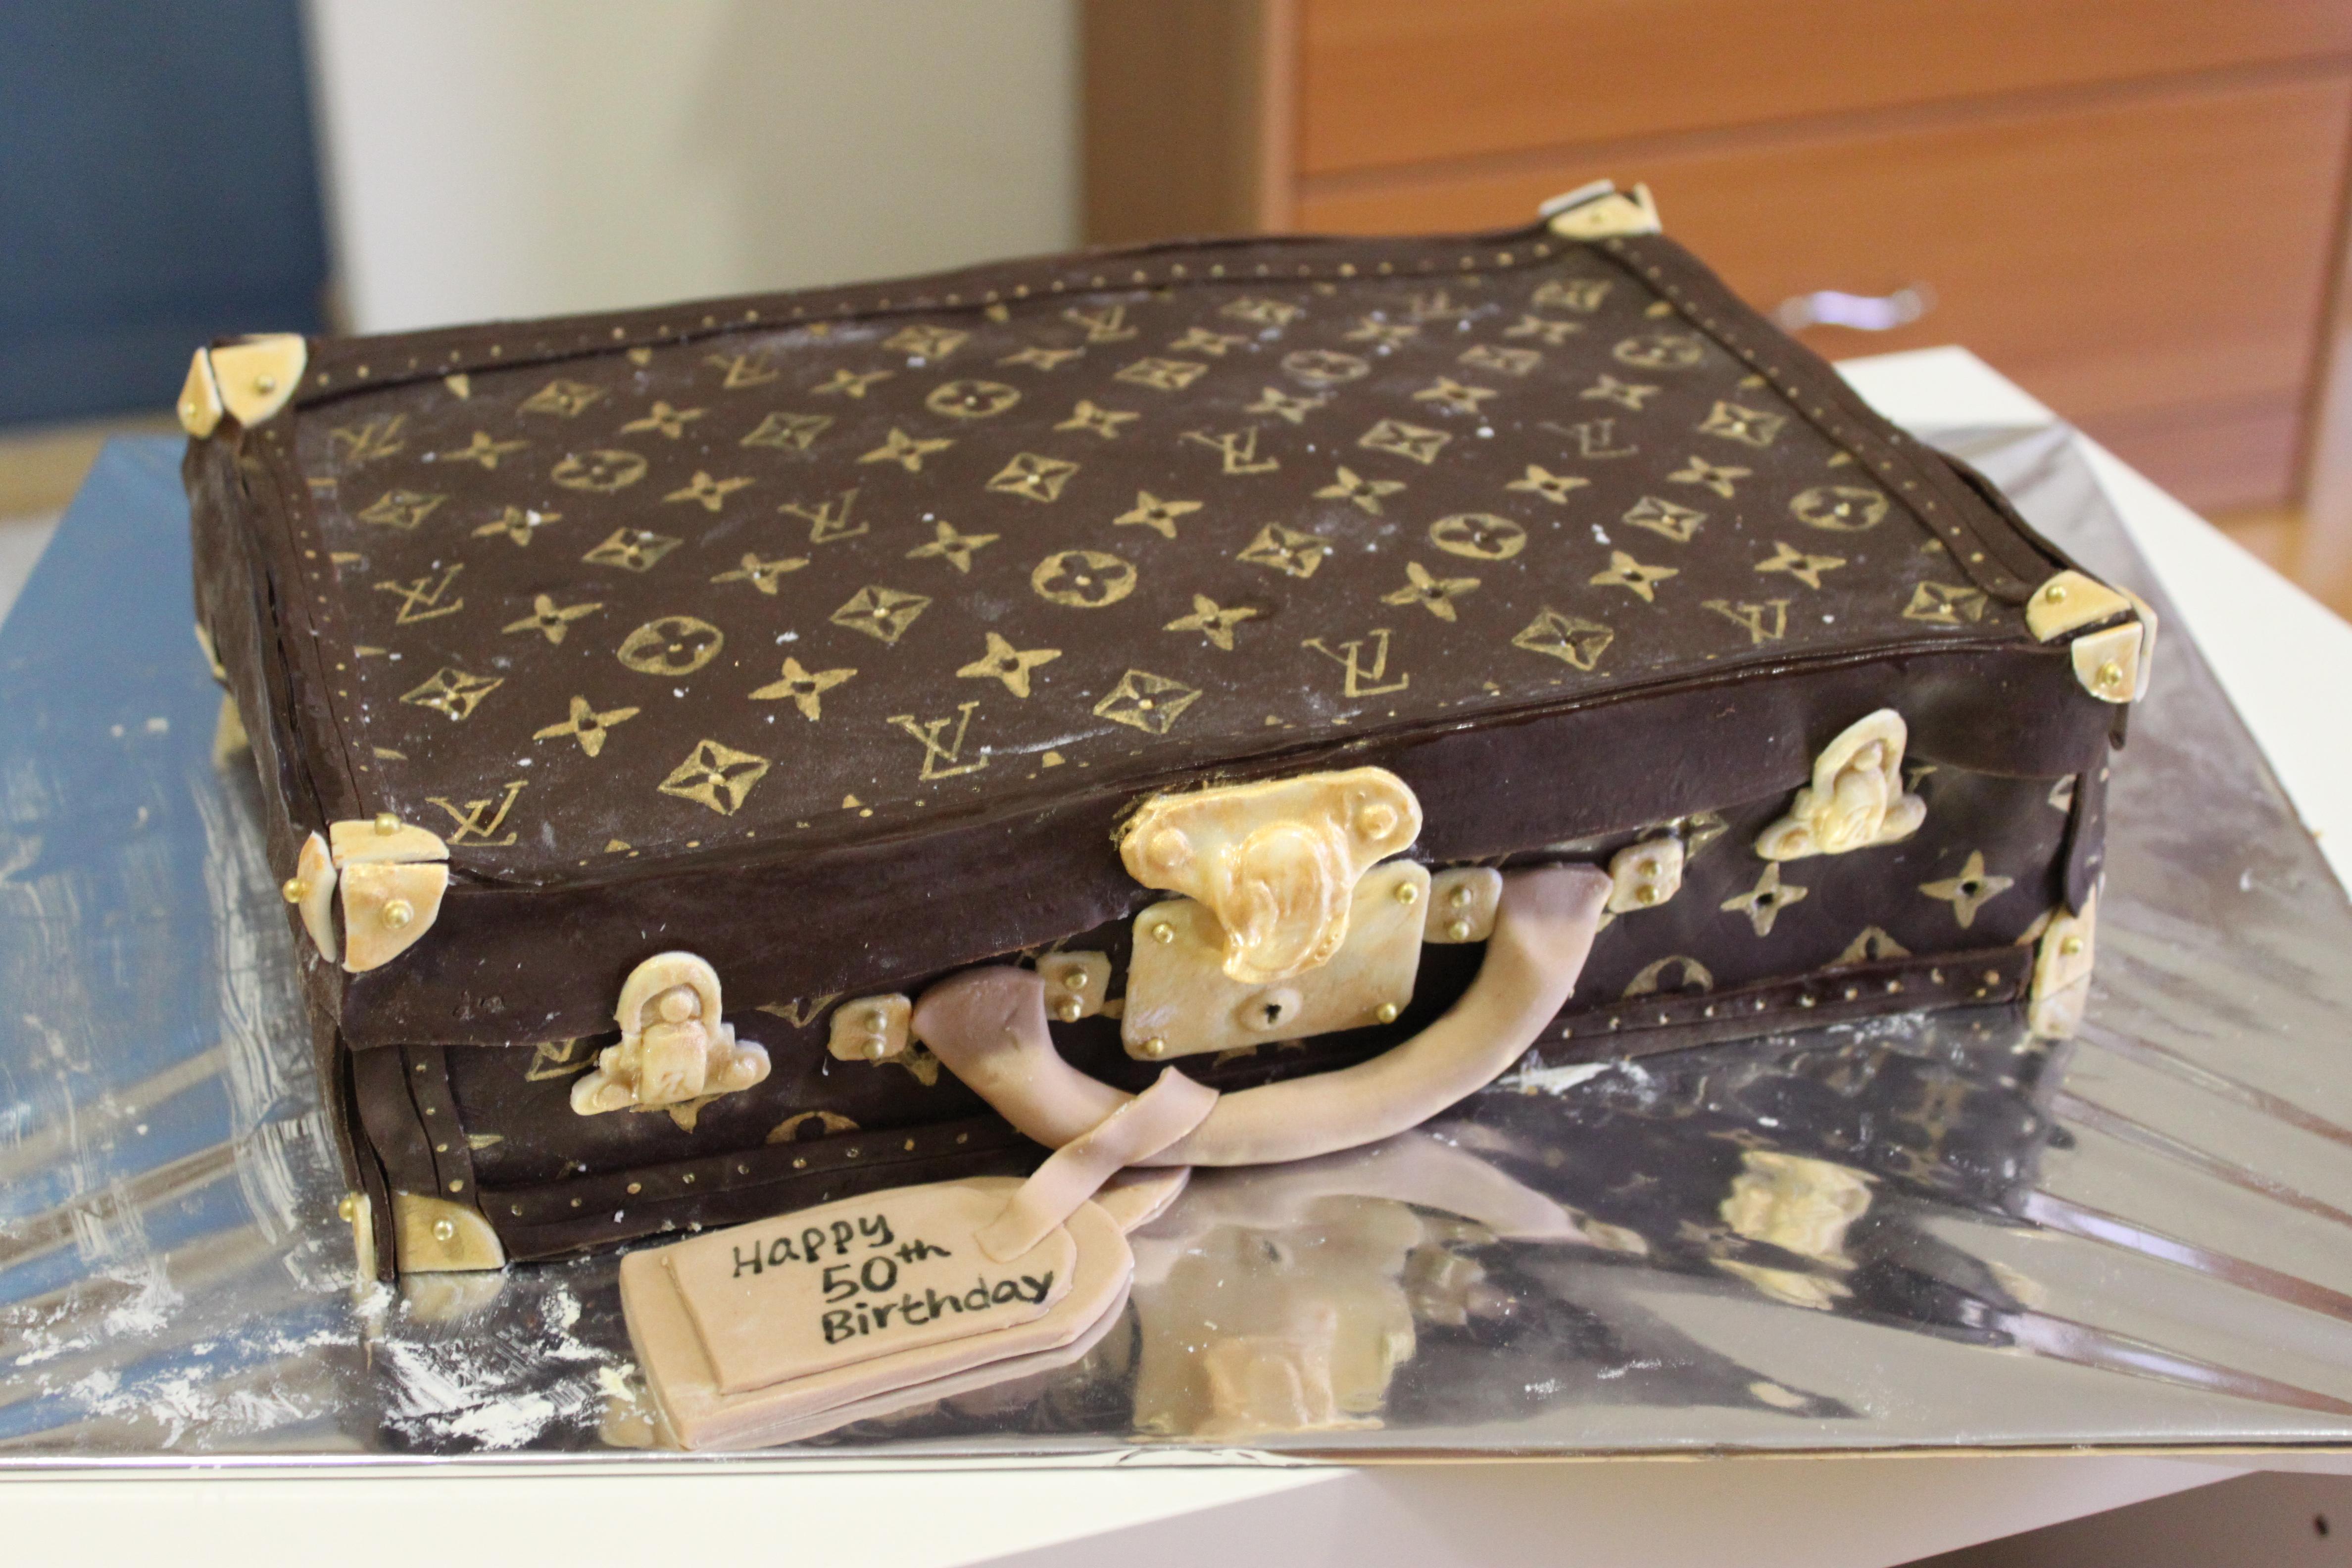 Lv Hardsided Luggage Cake